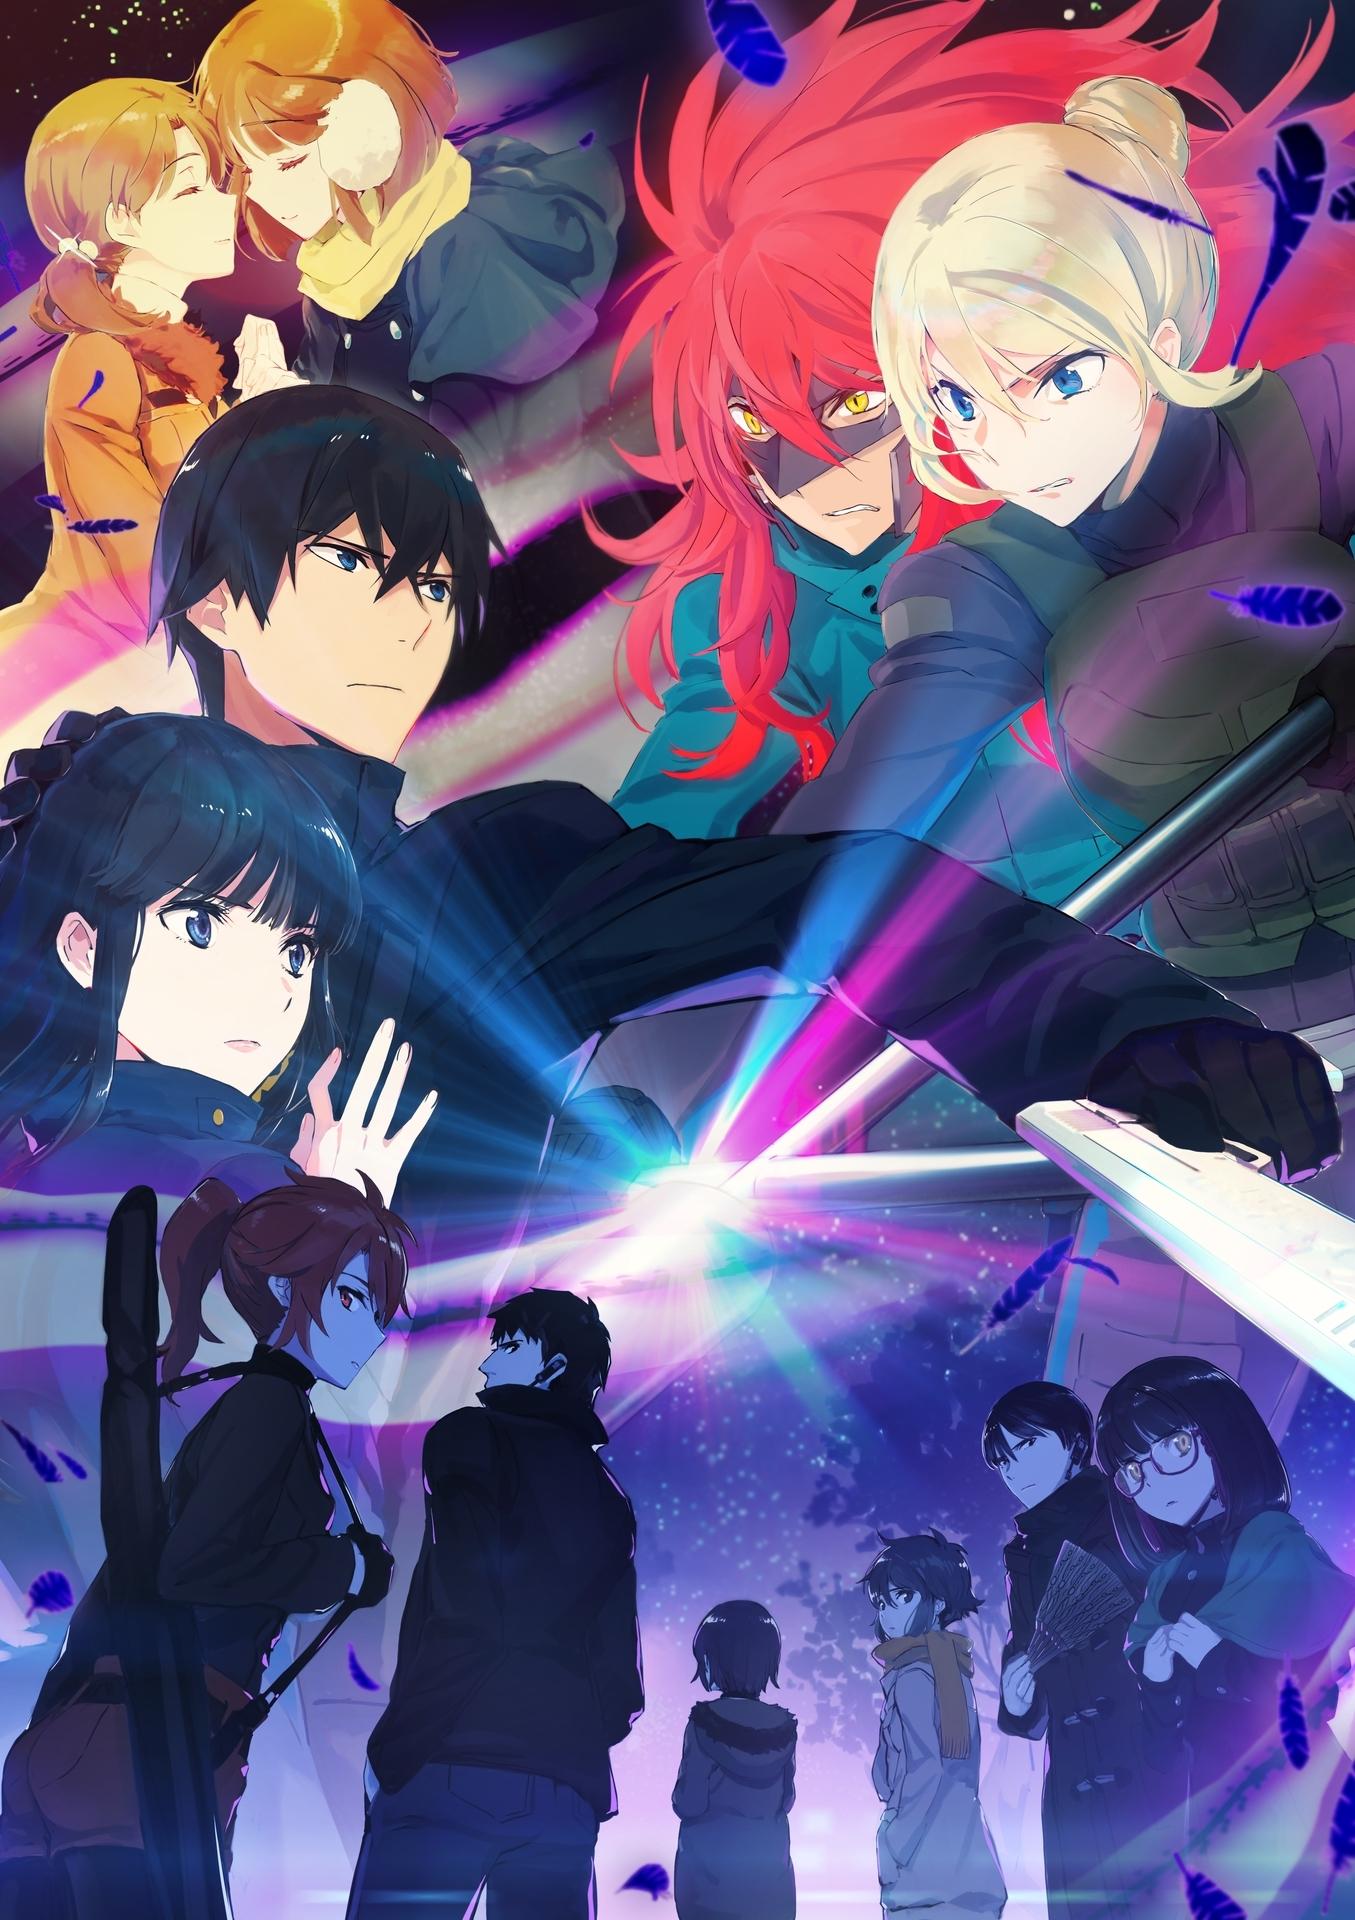 10月新番《LoveLive! 虹咲学园》、《魔劣 来访者篇》BD第一卷封面公开!-